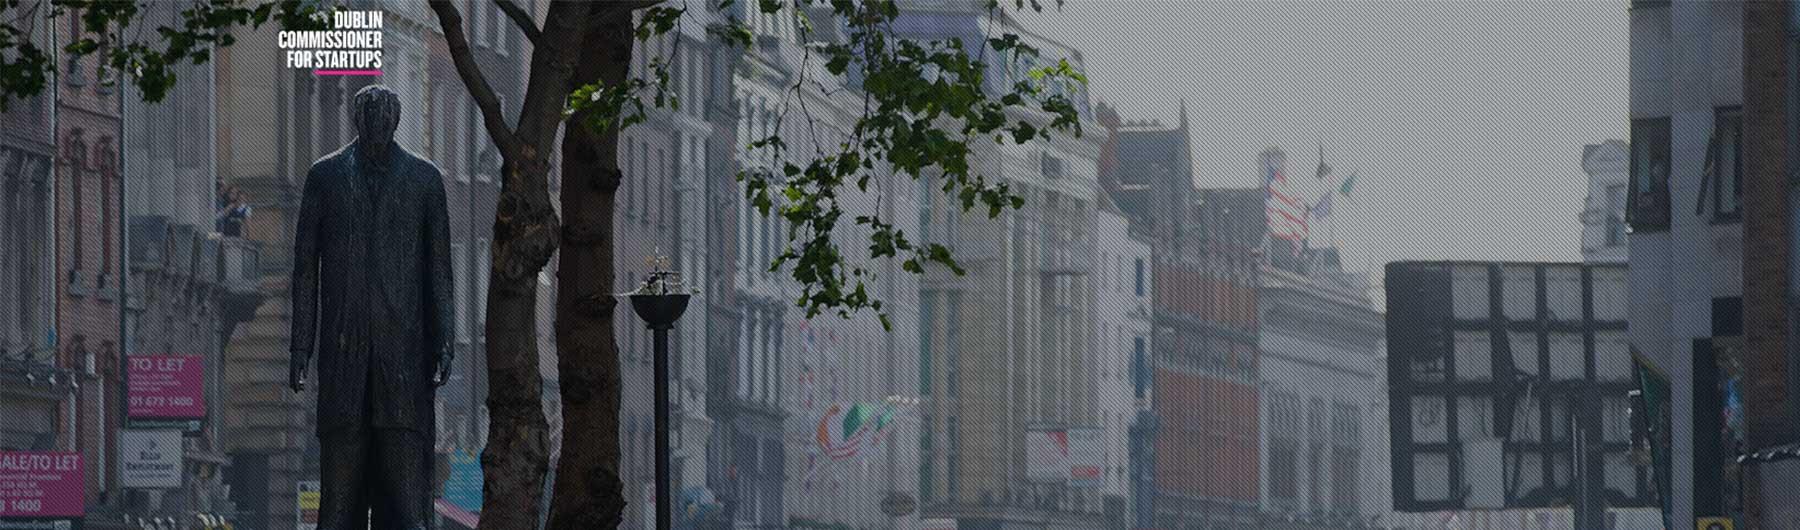 Startup Dublin